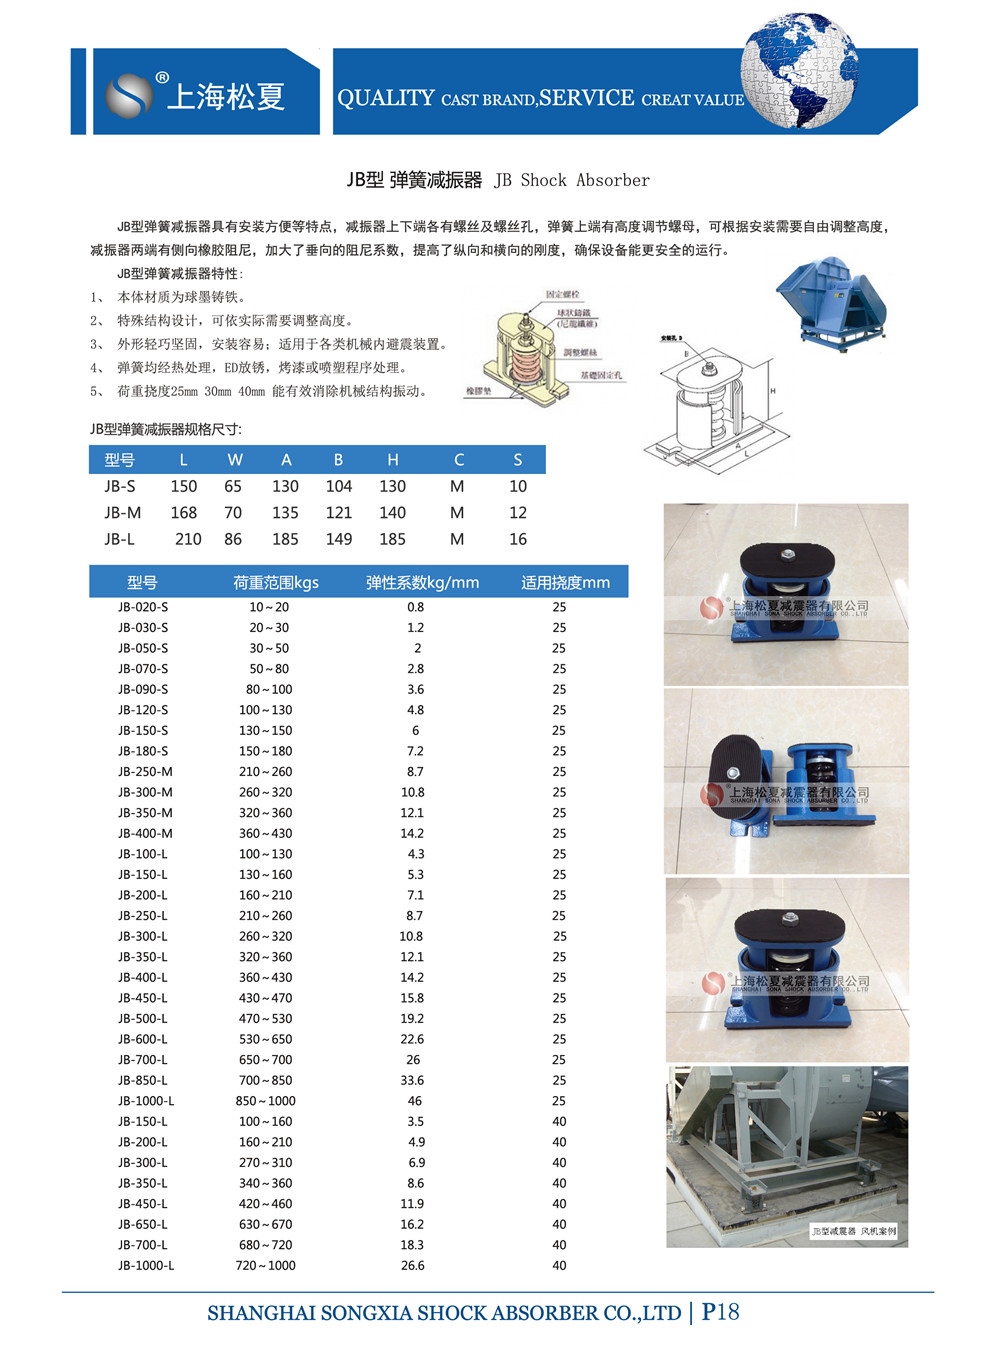 JB型弹簧减震器外形尺寸和其他型号表